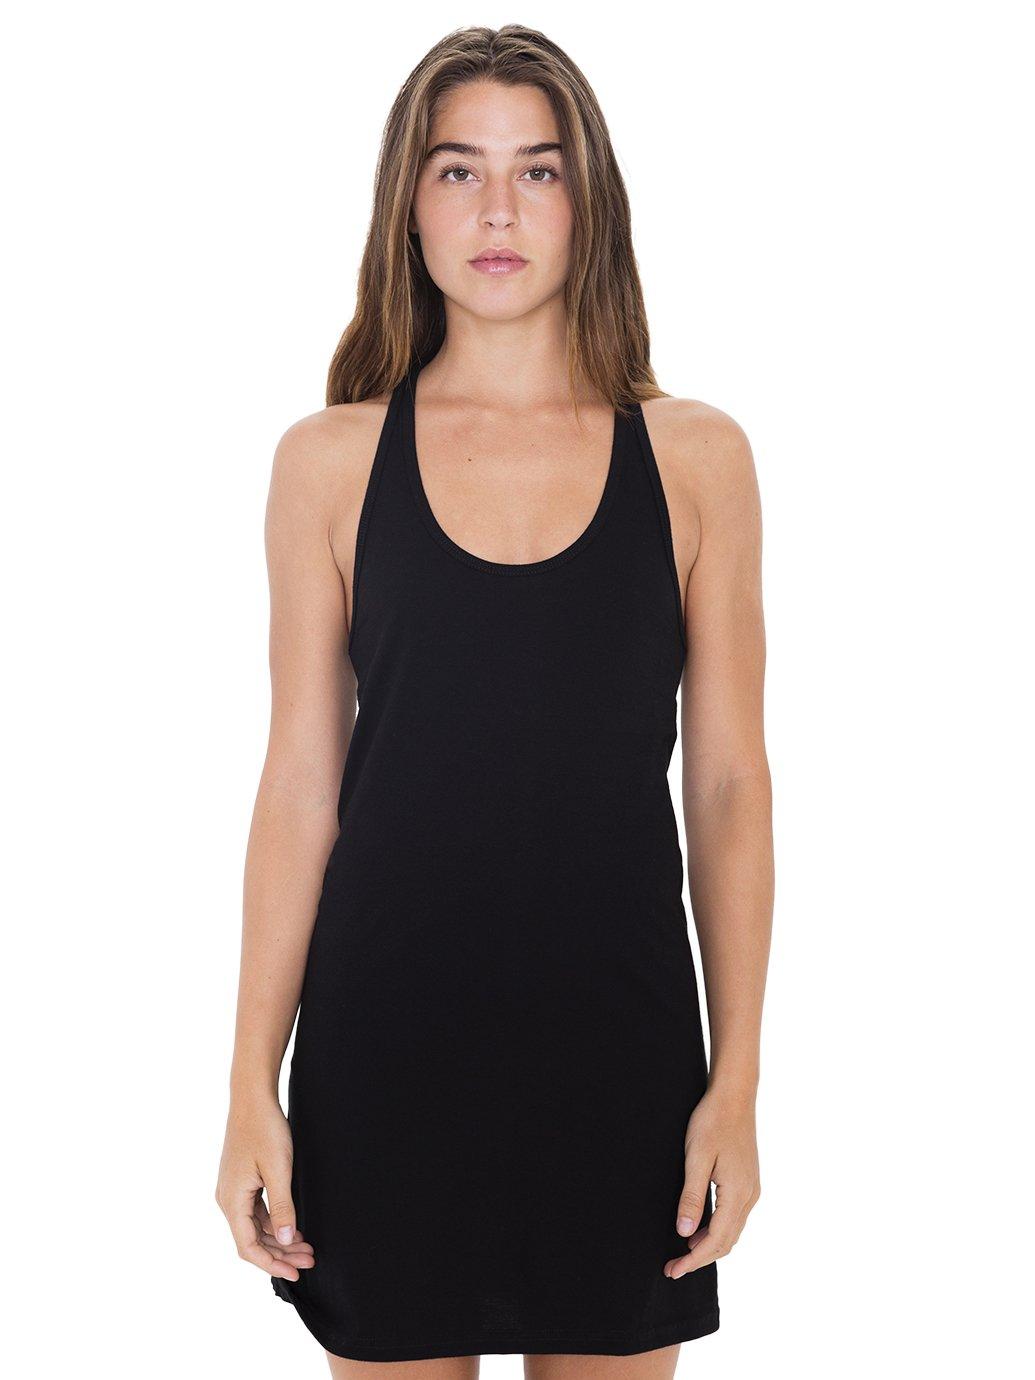 American Apparel Women's Fine Jersey Racerback Tank Dress, Black, Large